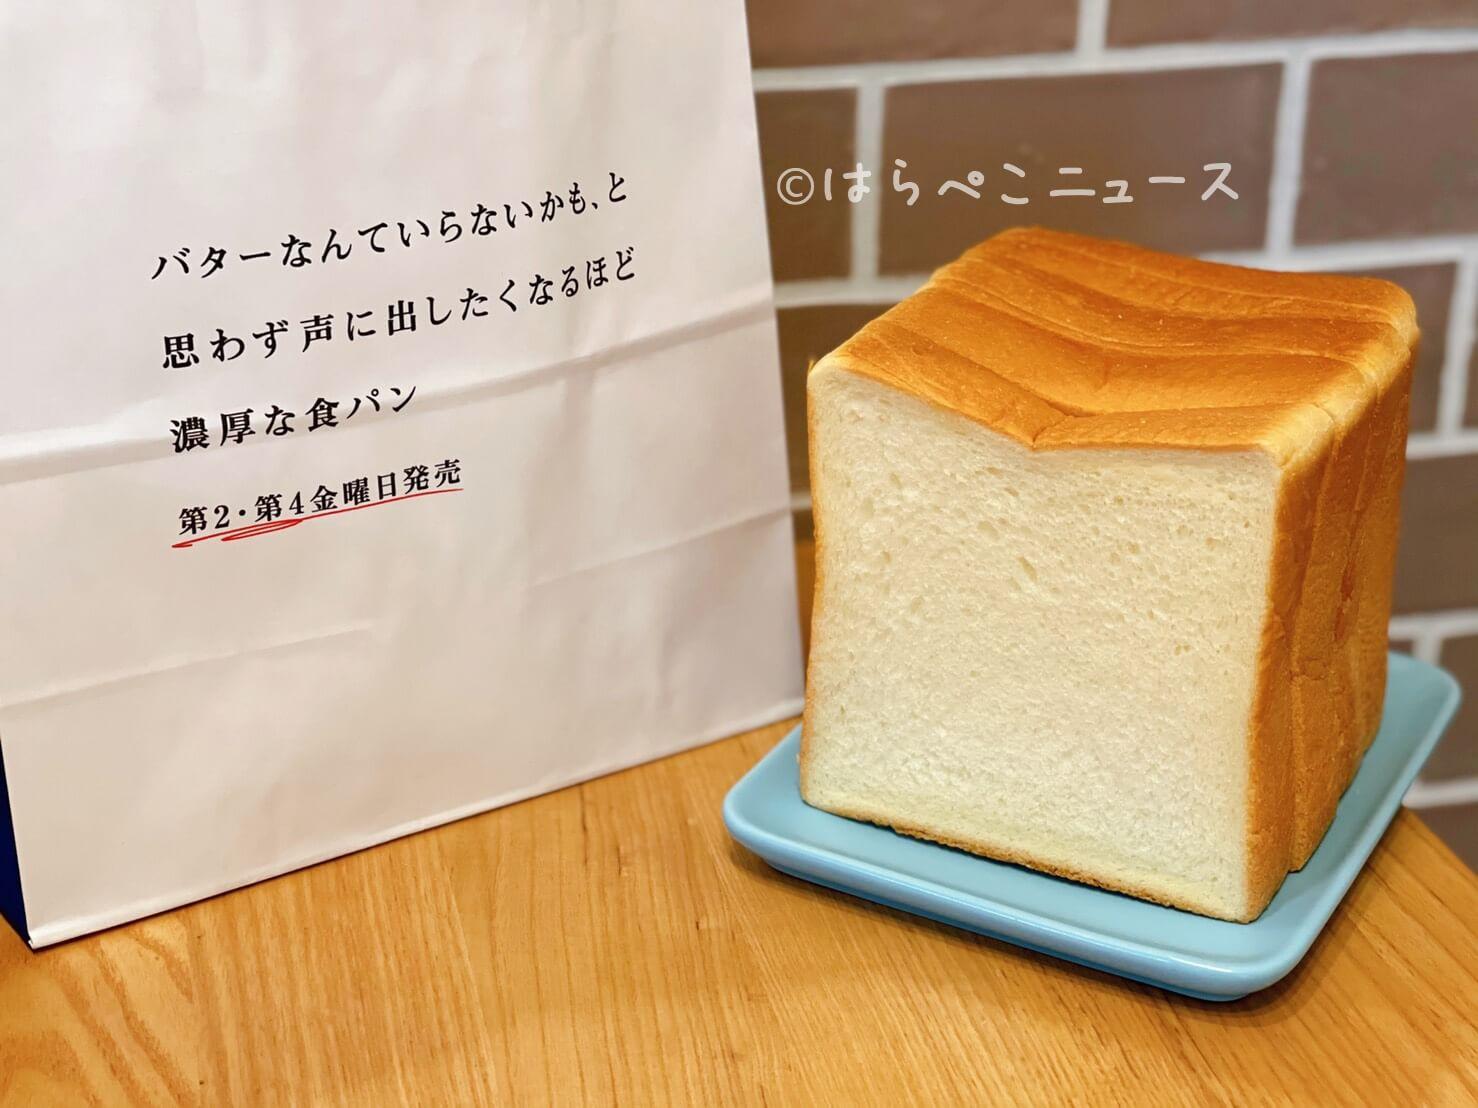 【実食レポ】モスバーガー『バターなんていらないかも、と思わず声に出したくなるほど濃厚な食パン』モスの日に